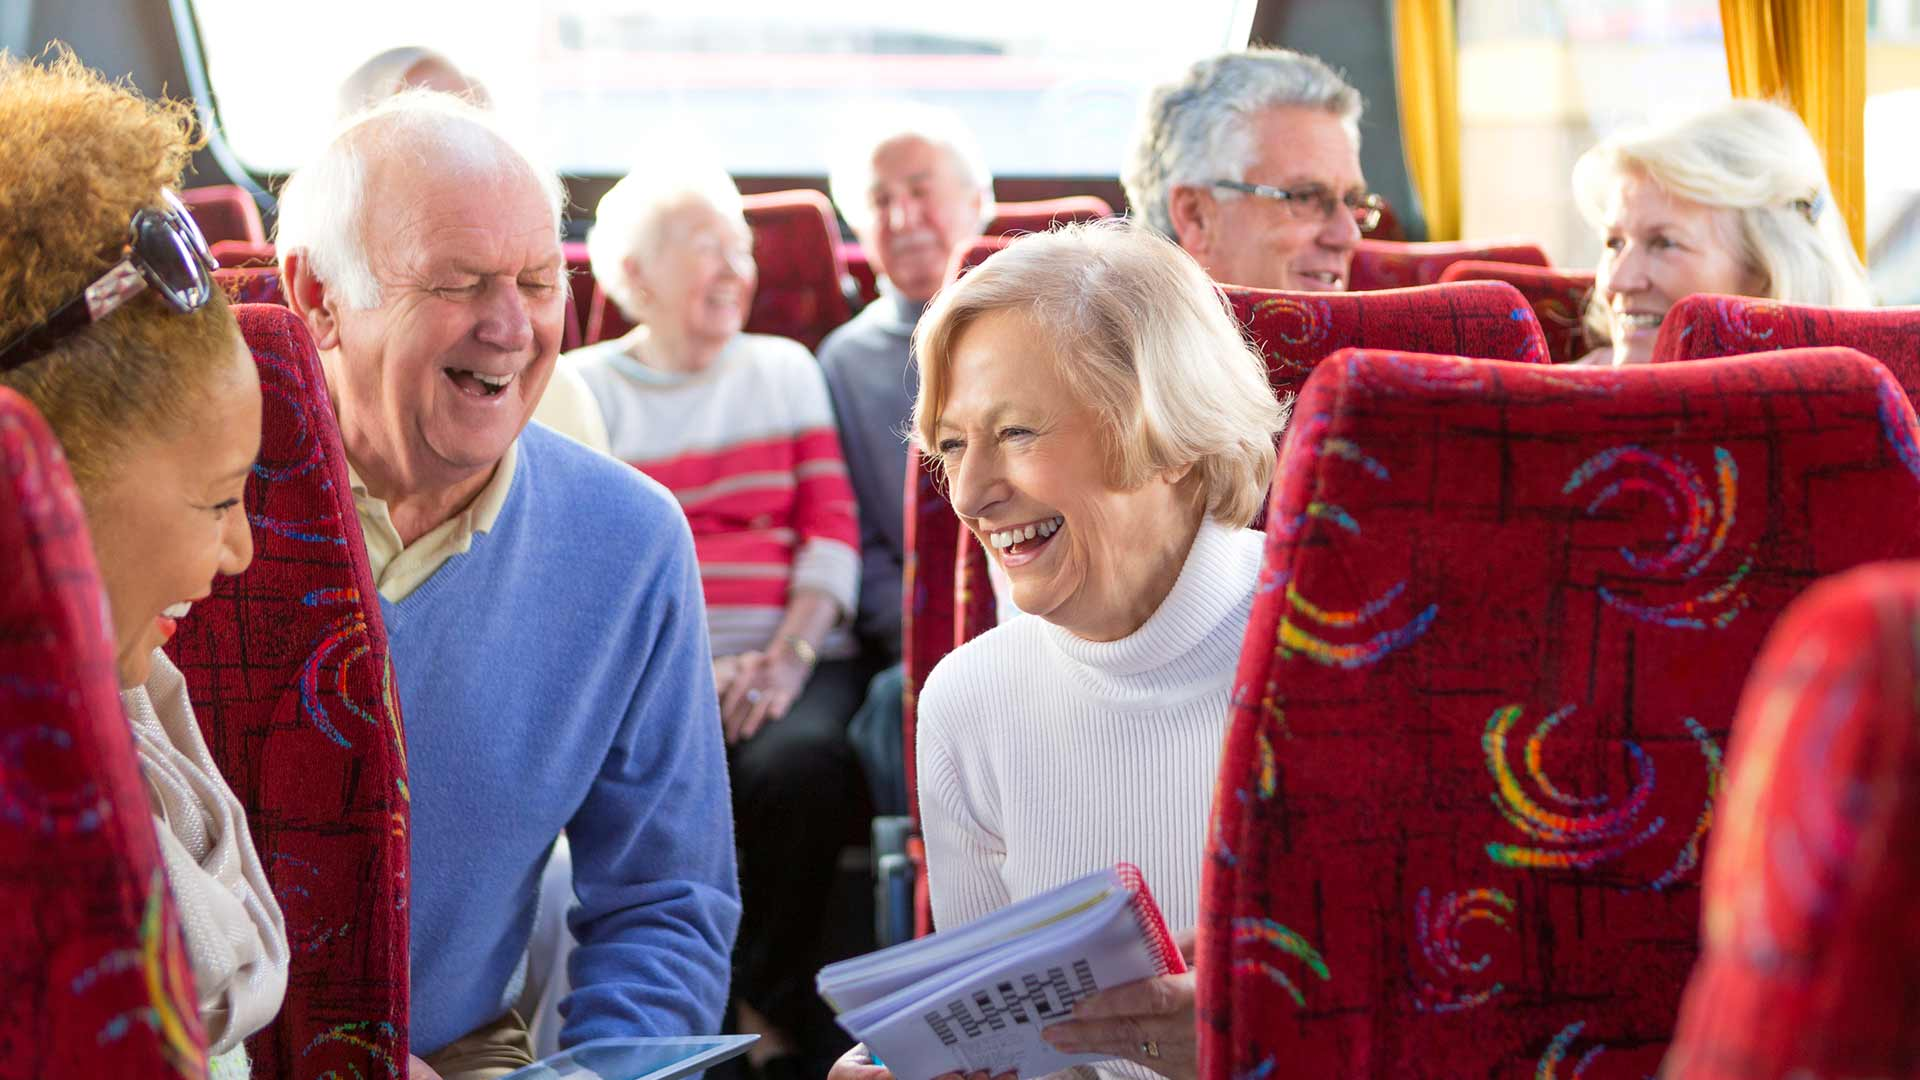 Missä liikennevälineissä eläkeläisenä saa alennusta?